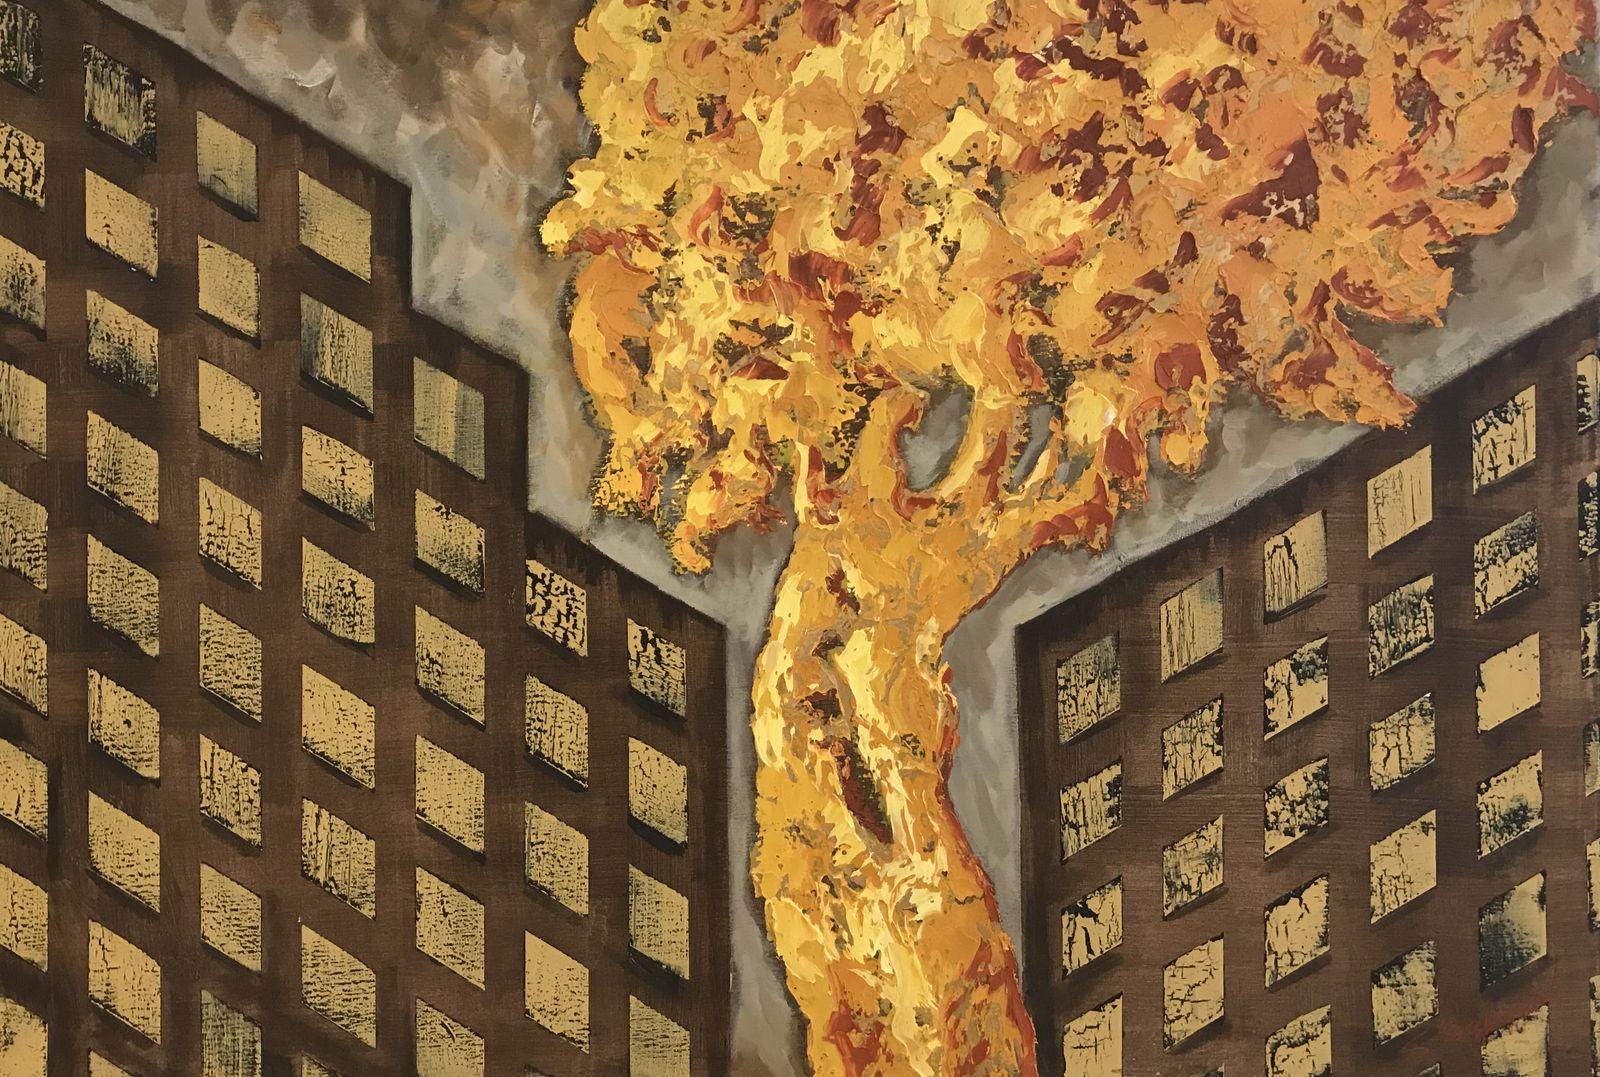 Σοφία Παπαγεωργίου 70×100 εκ. Λάδια σε καμβά Sofia Papageorgiou 70×100 cm Oils on canvas